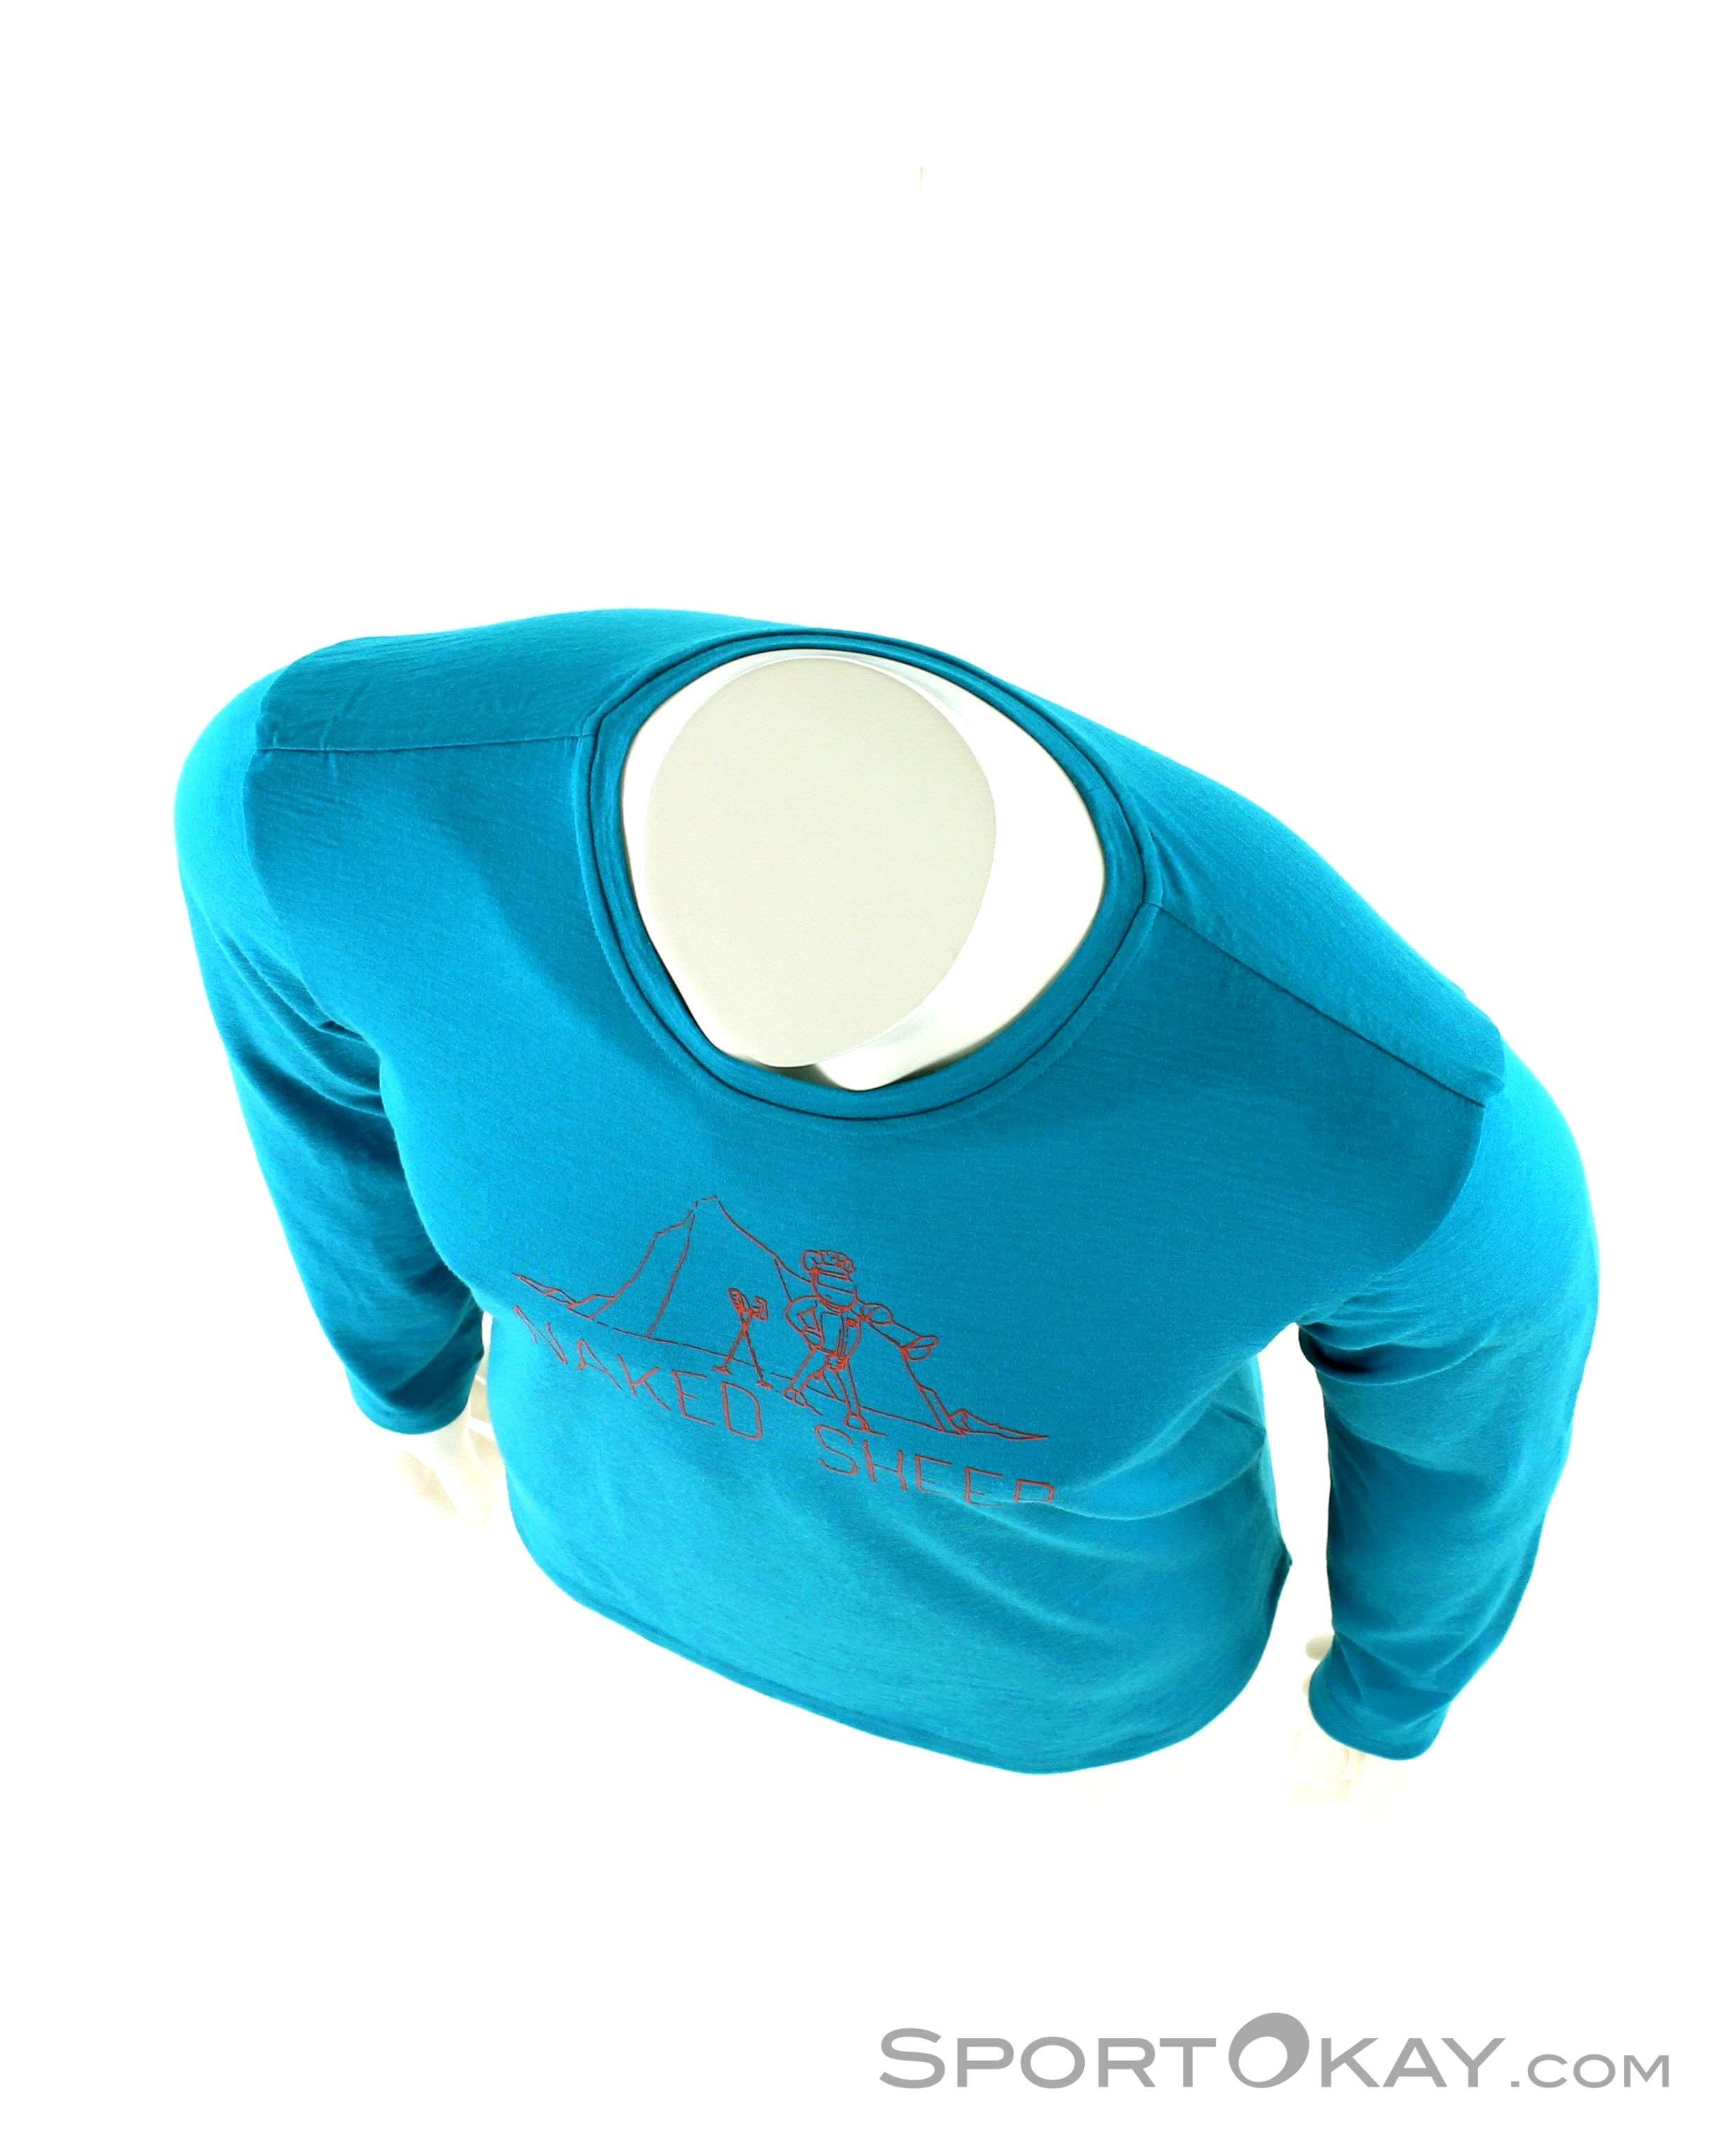 Uomo Ls Sheep Ortovox Naked Abbigliamento Funzionale 145 Maglia wIRqAF